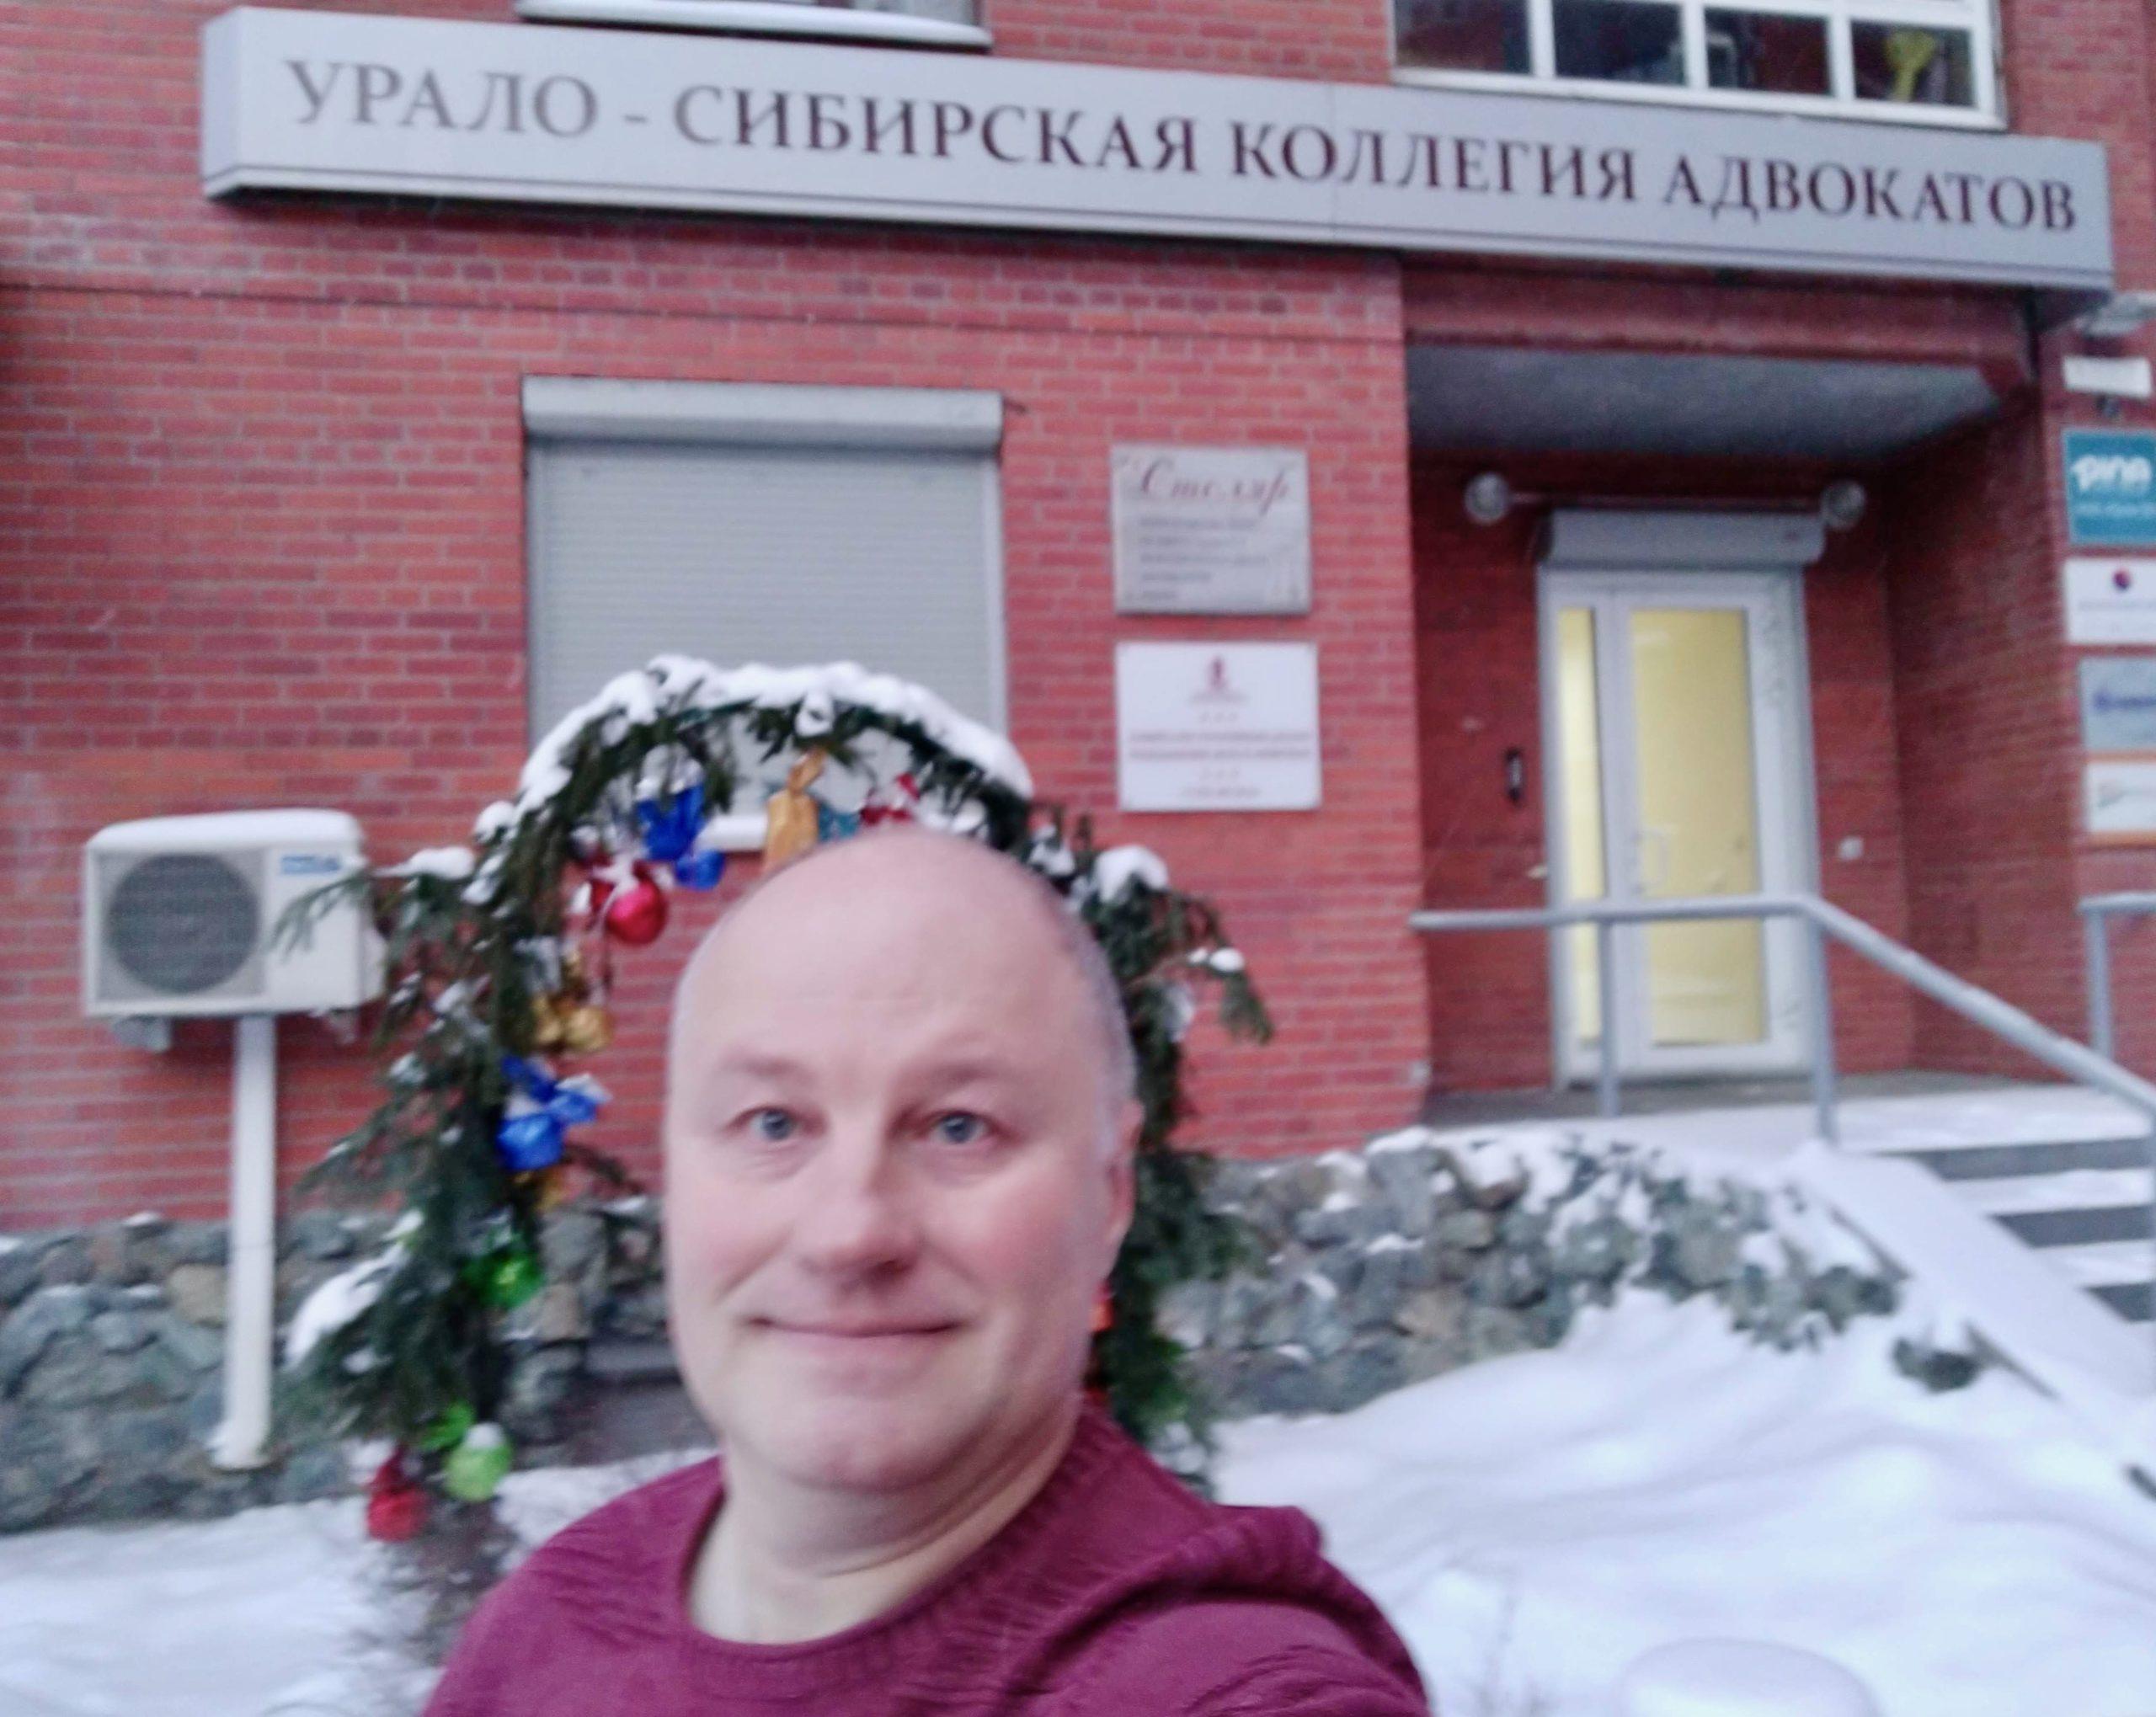 Первые адвокатские консультации в 2020 году в Екатеринбурге проведены. Они не пройдут! 😇